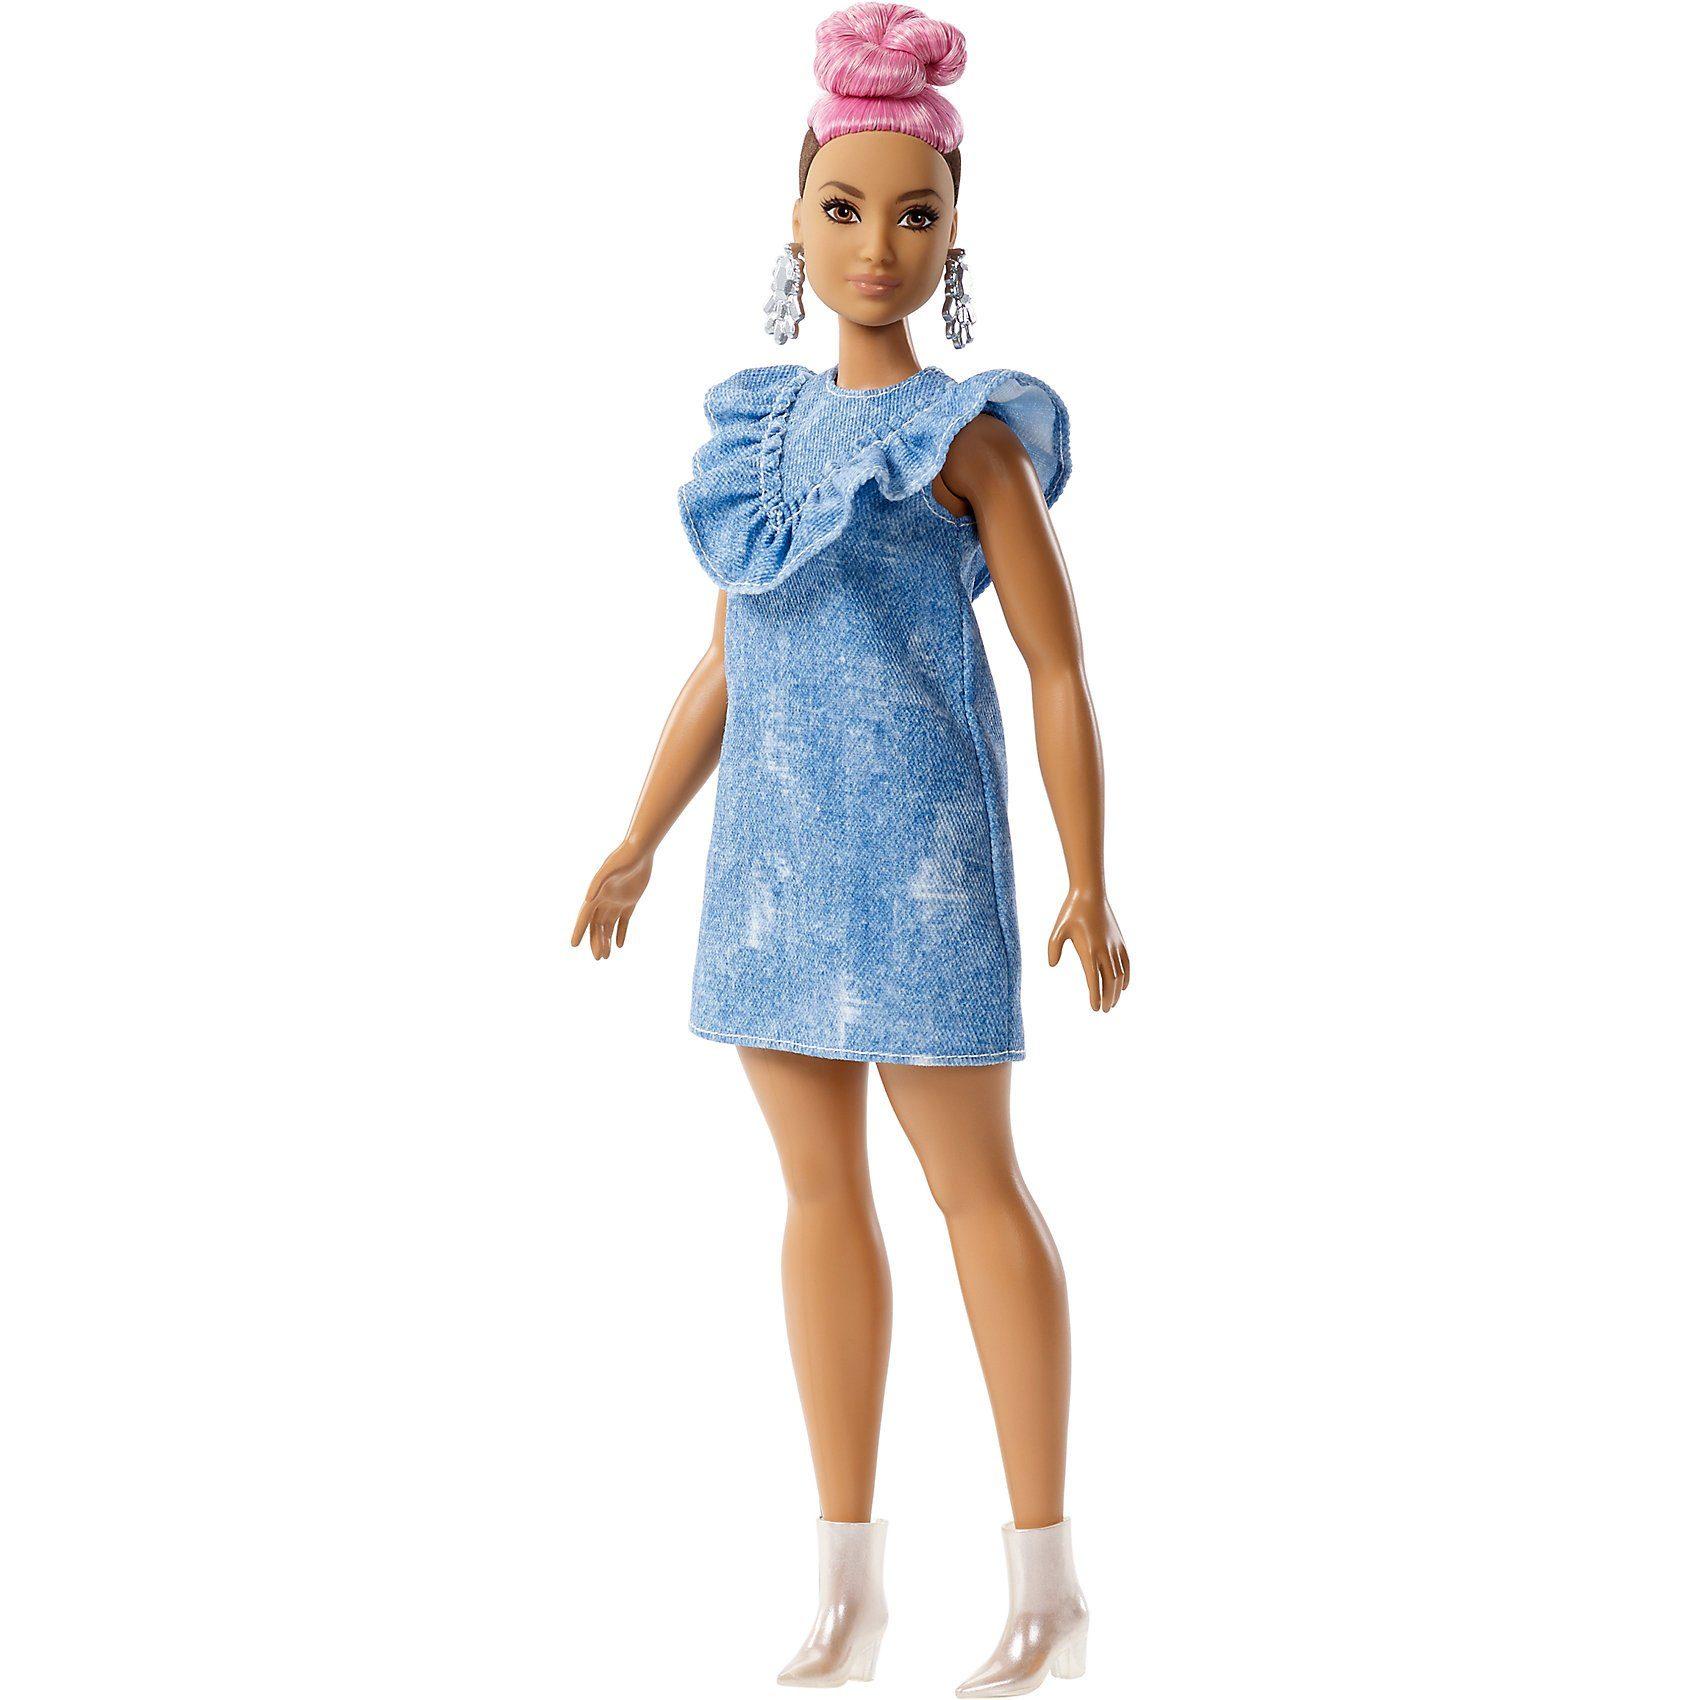 Mattel® Barbie Fashionistas Puppe mit pinkem Dutt im Jeanskleid